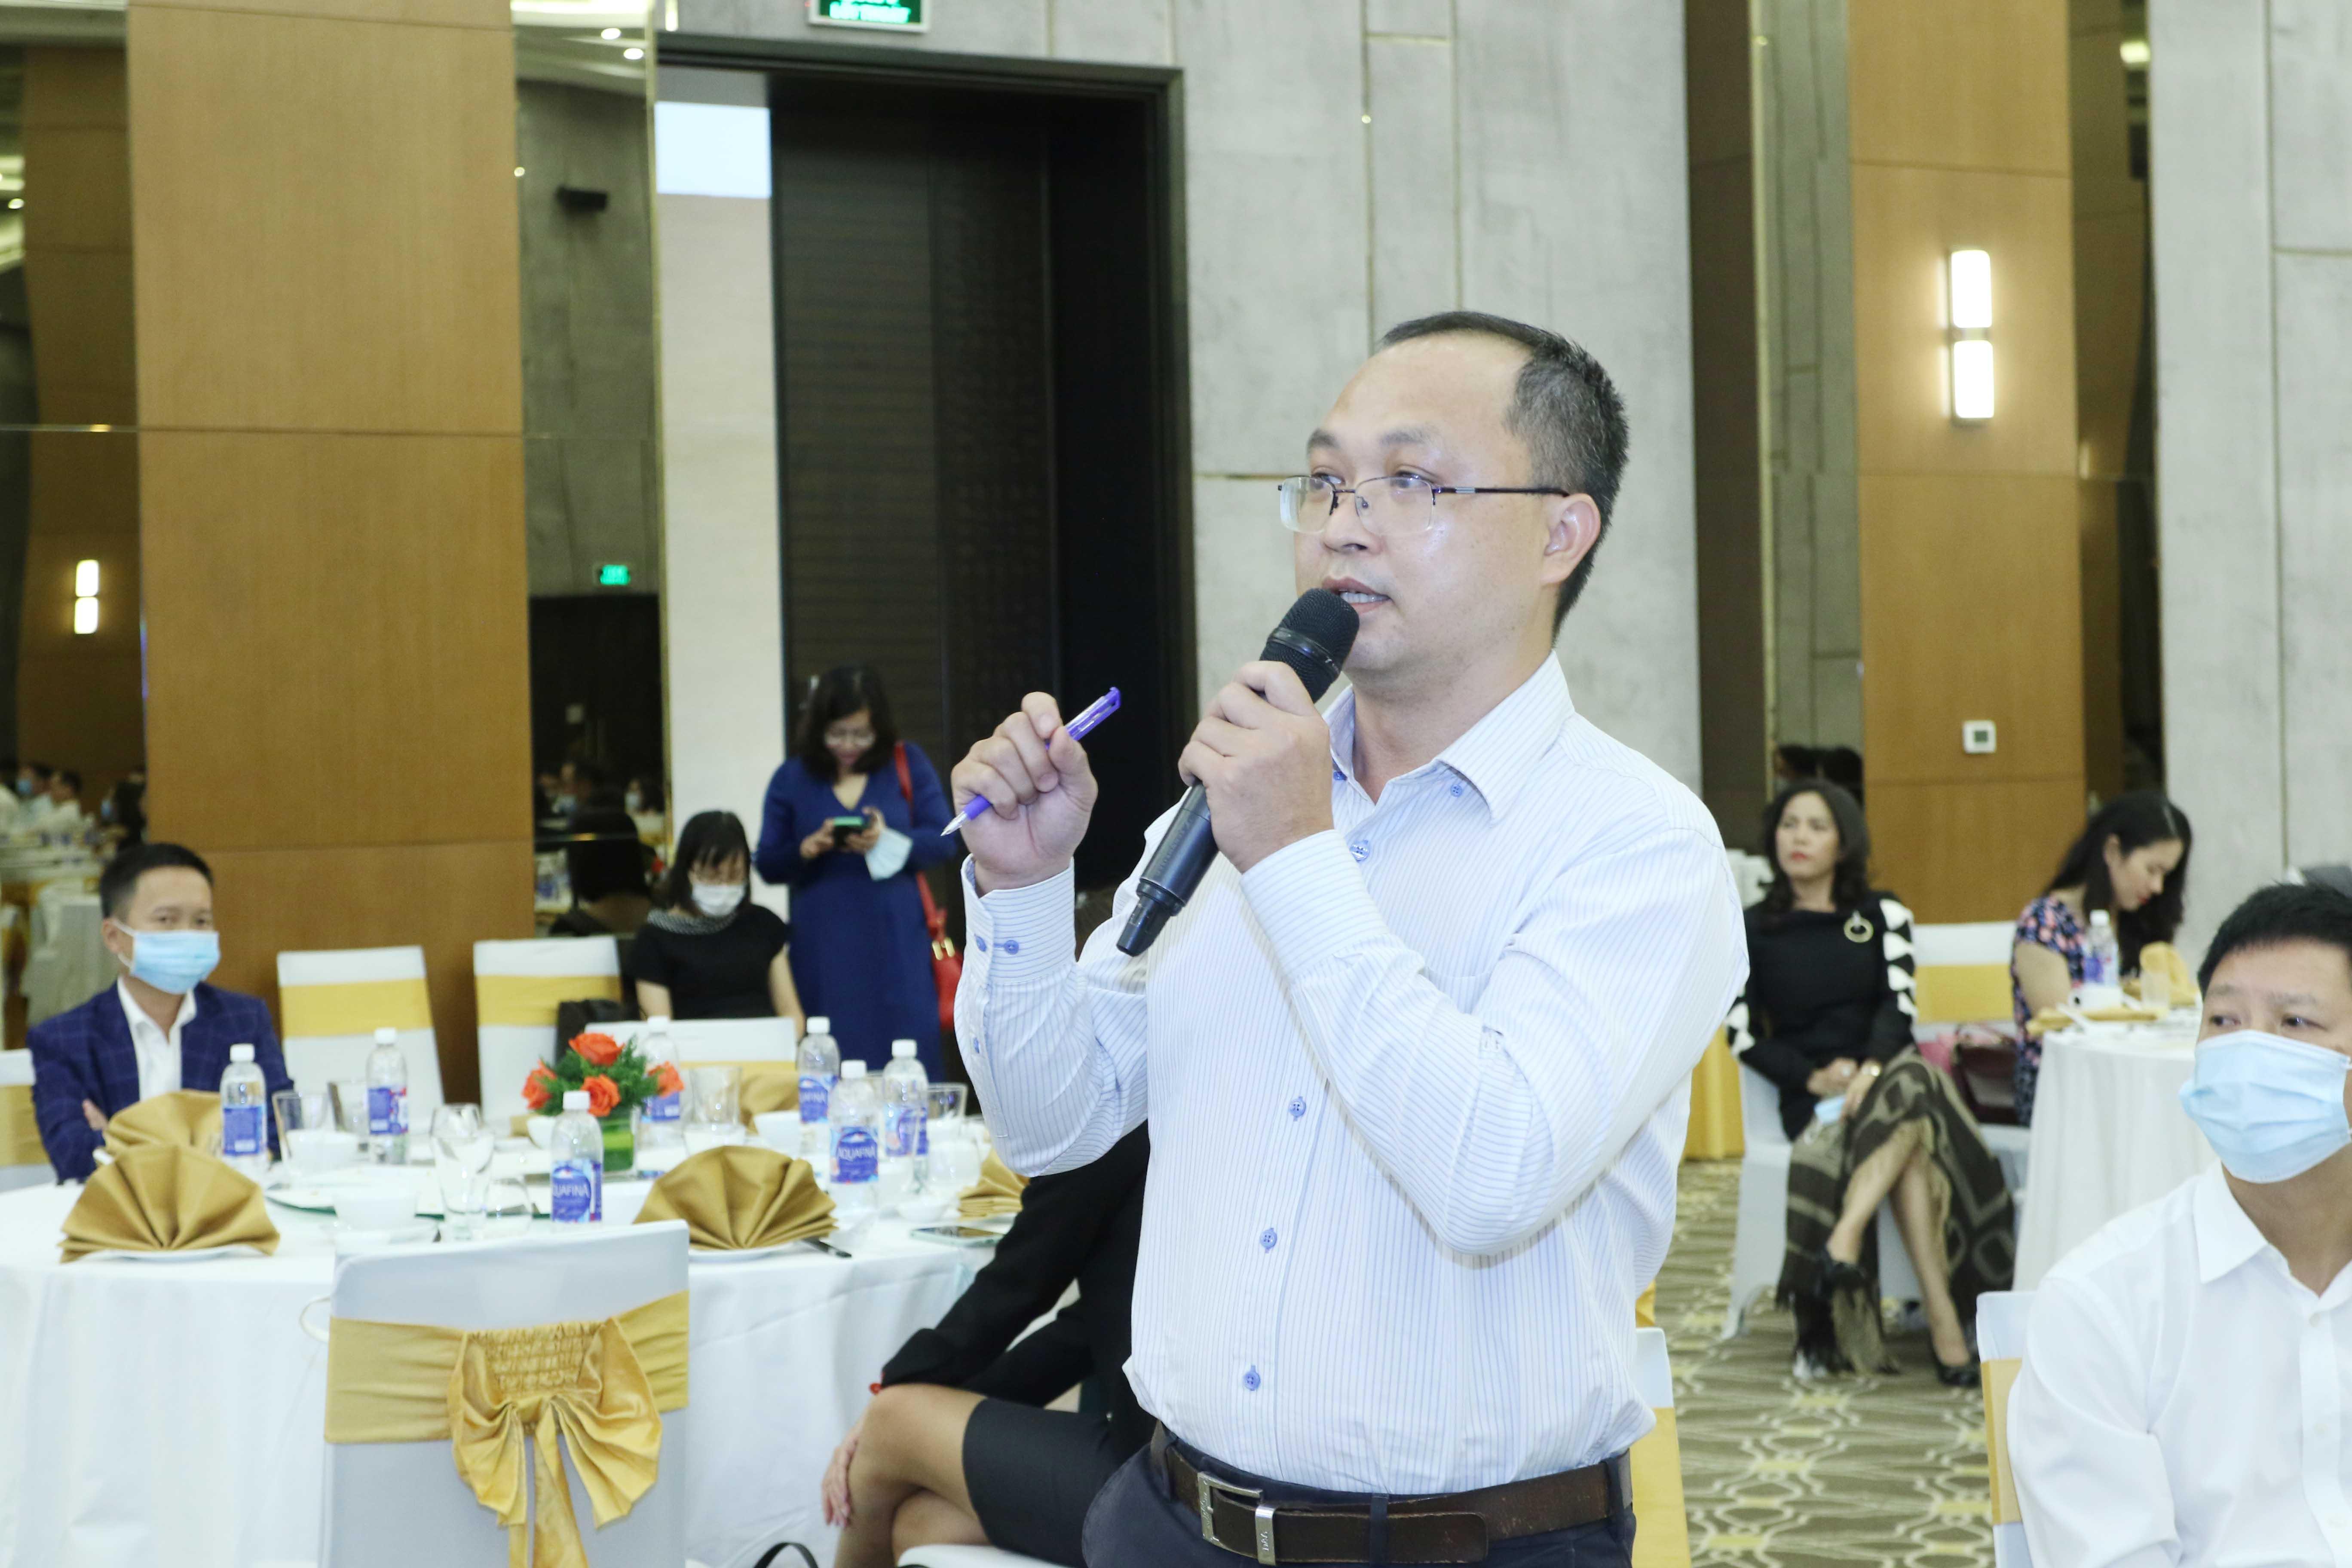 https://www.aravietnam.vn/wp-content/uploads/2020/12/7_Dại-diện-các-doanh-nghiệp-dặt-câu-hỏi-cho-các-lãnh-dạo..jpg